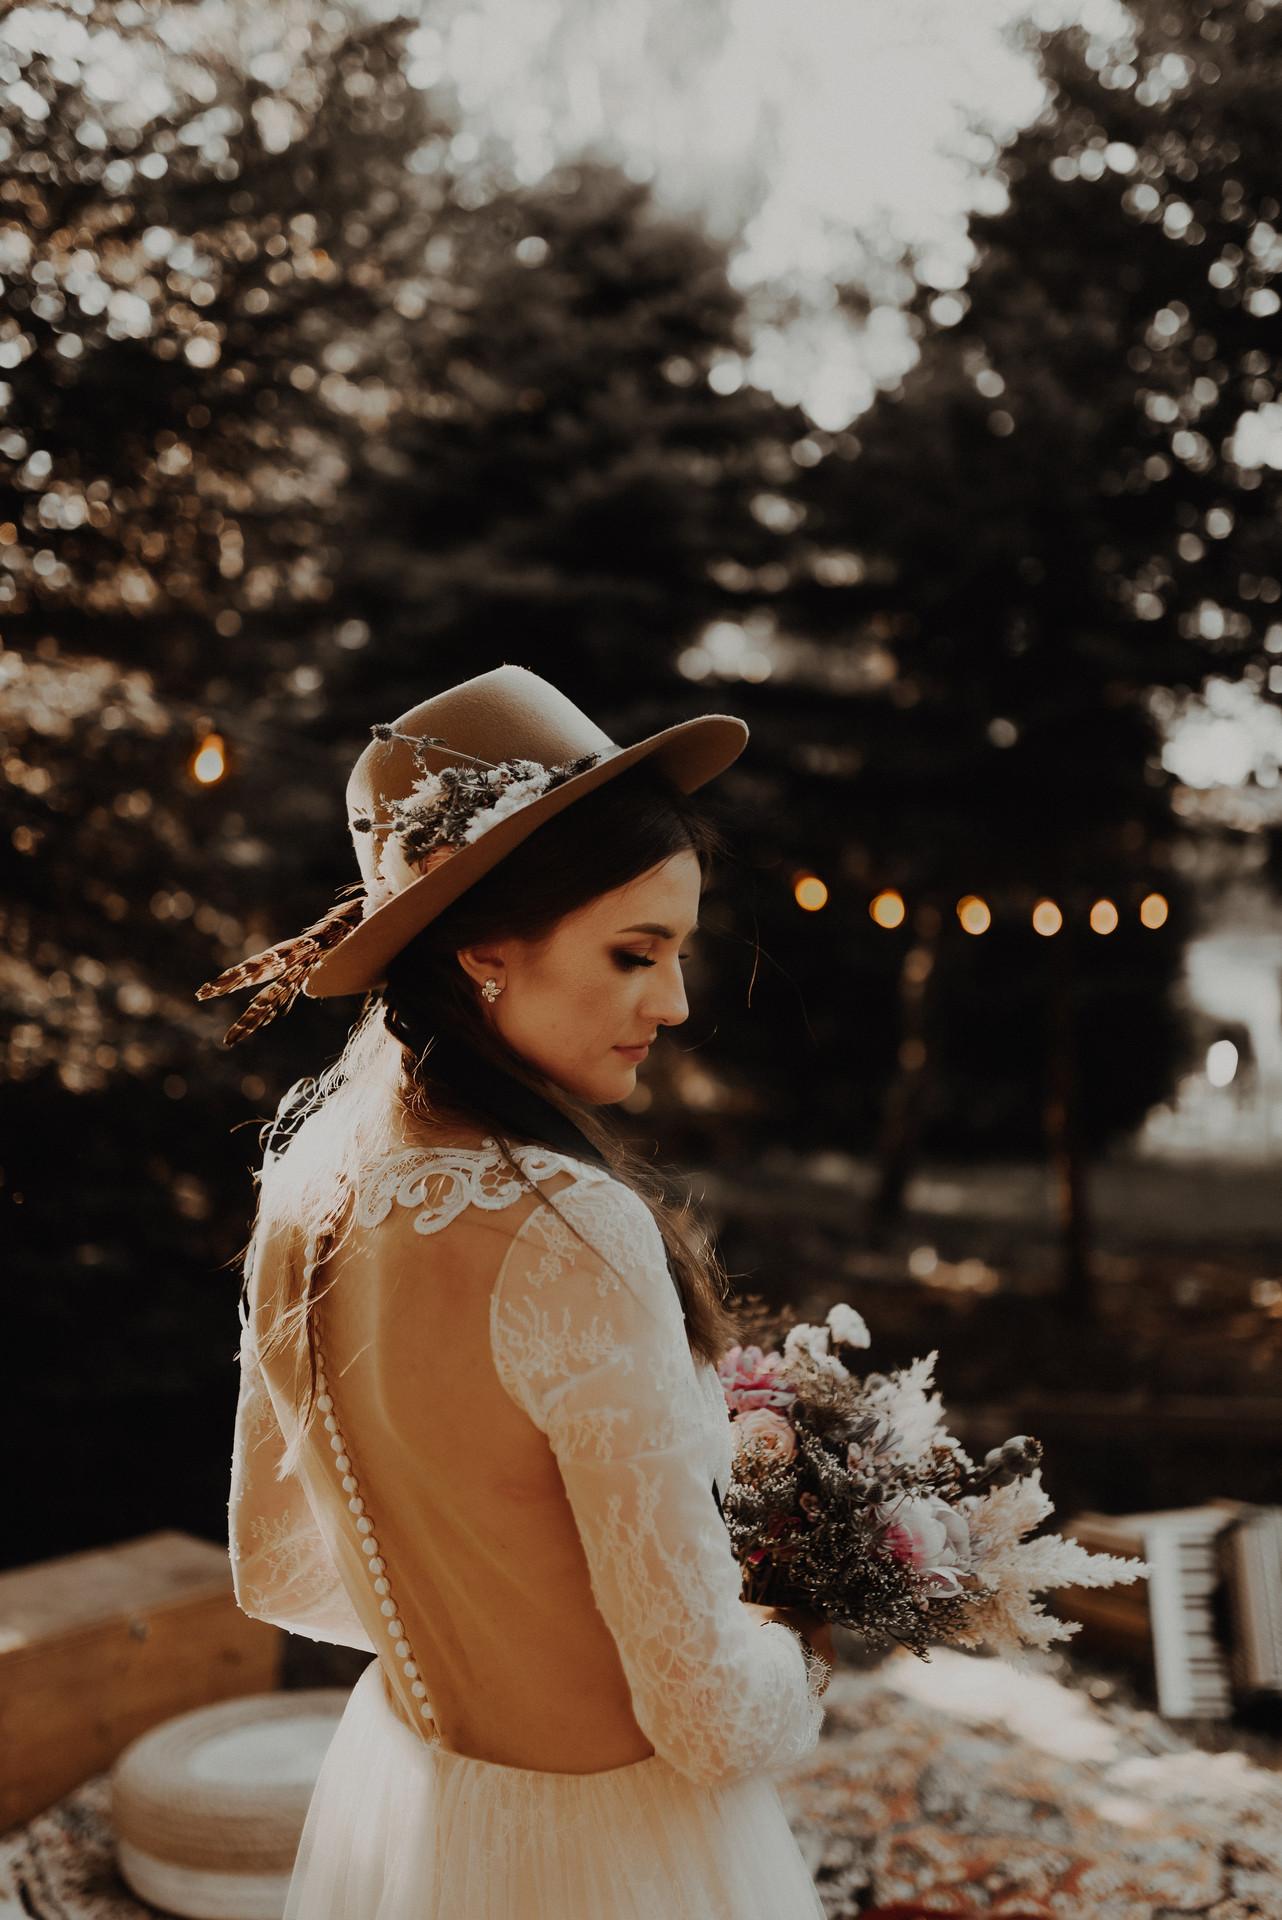 stylizacja panny młodej - ślub hippie